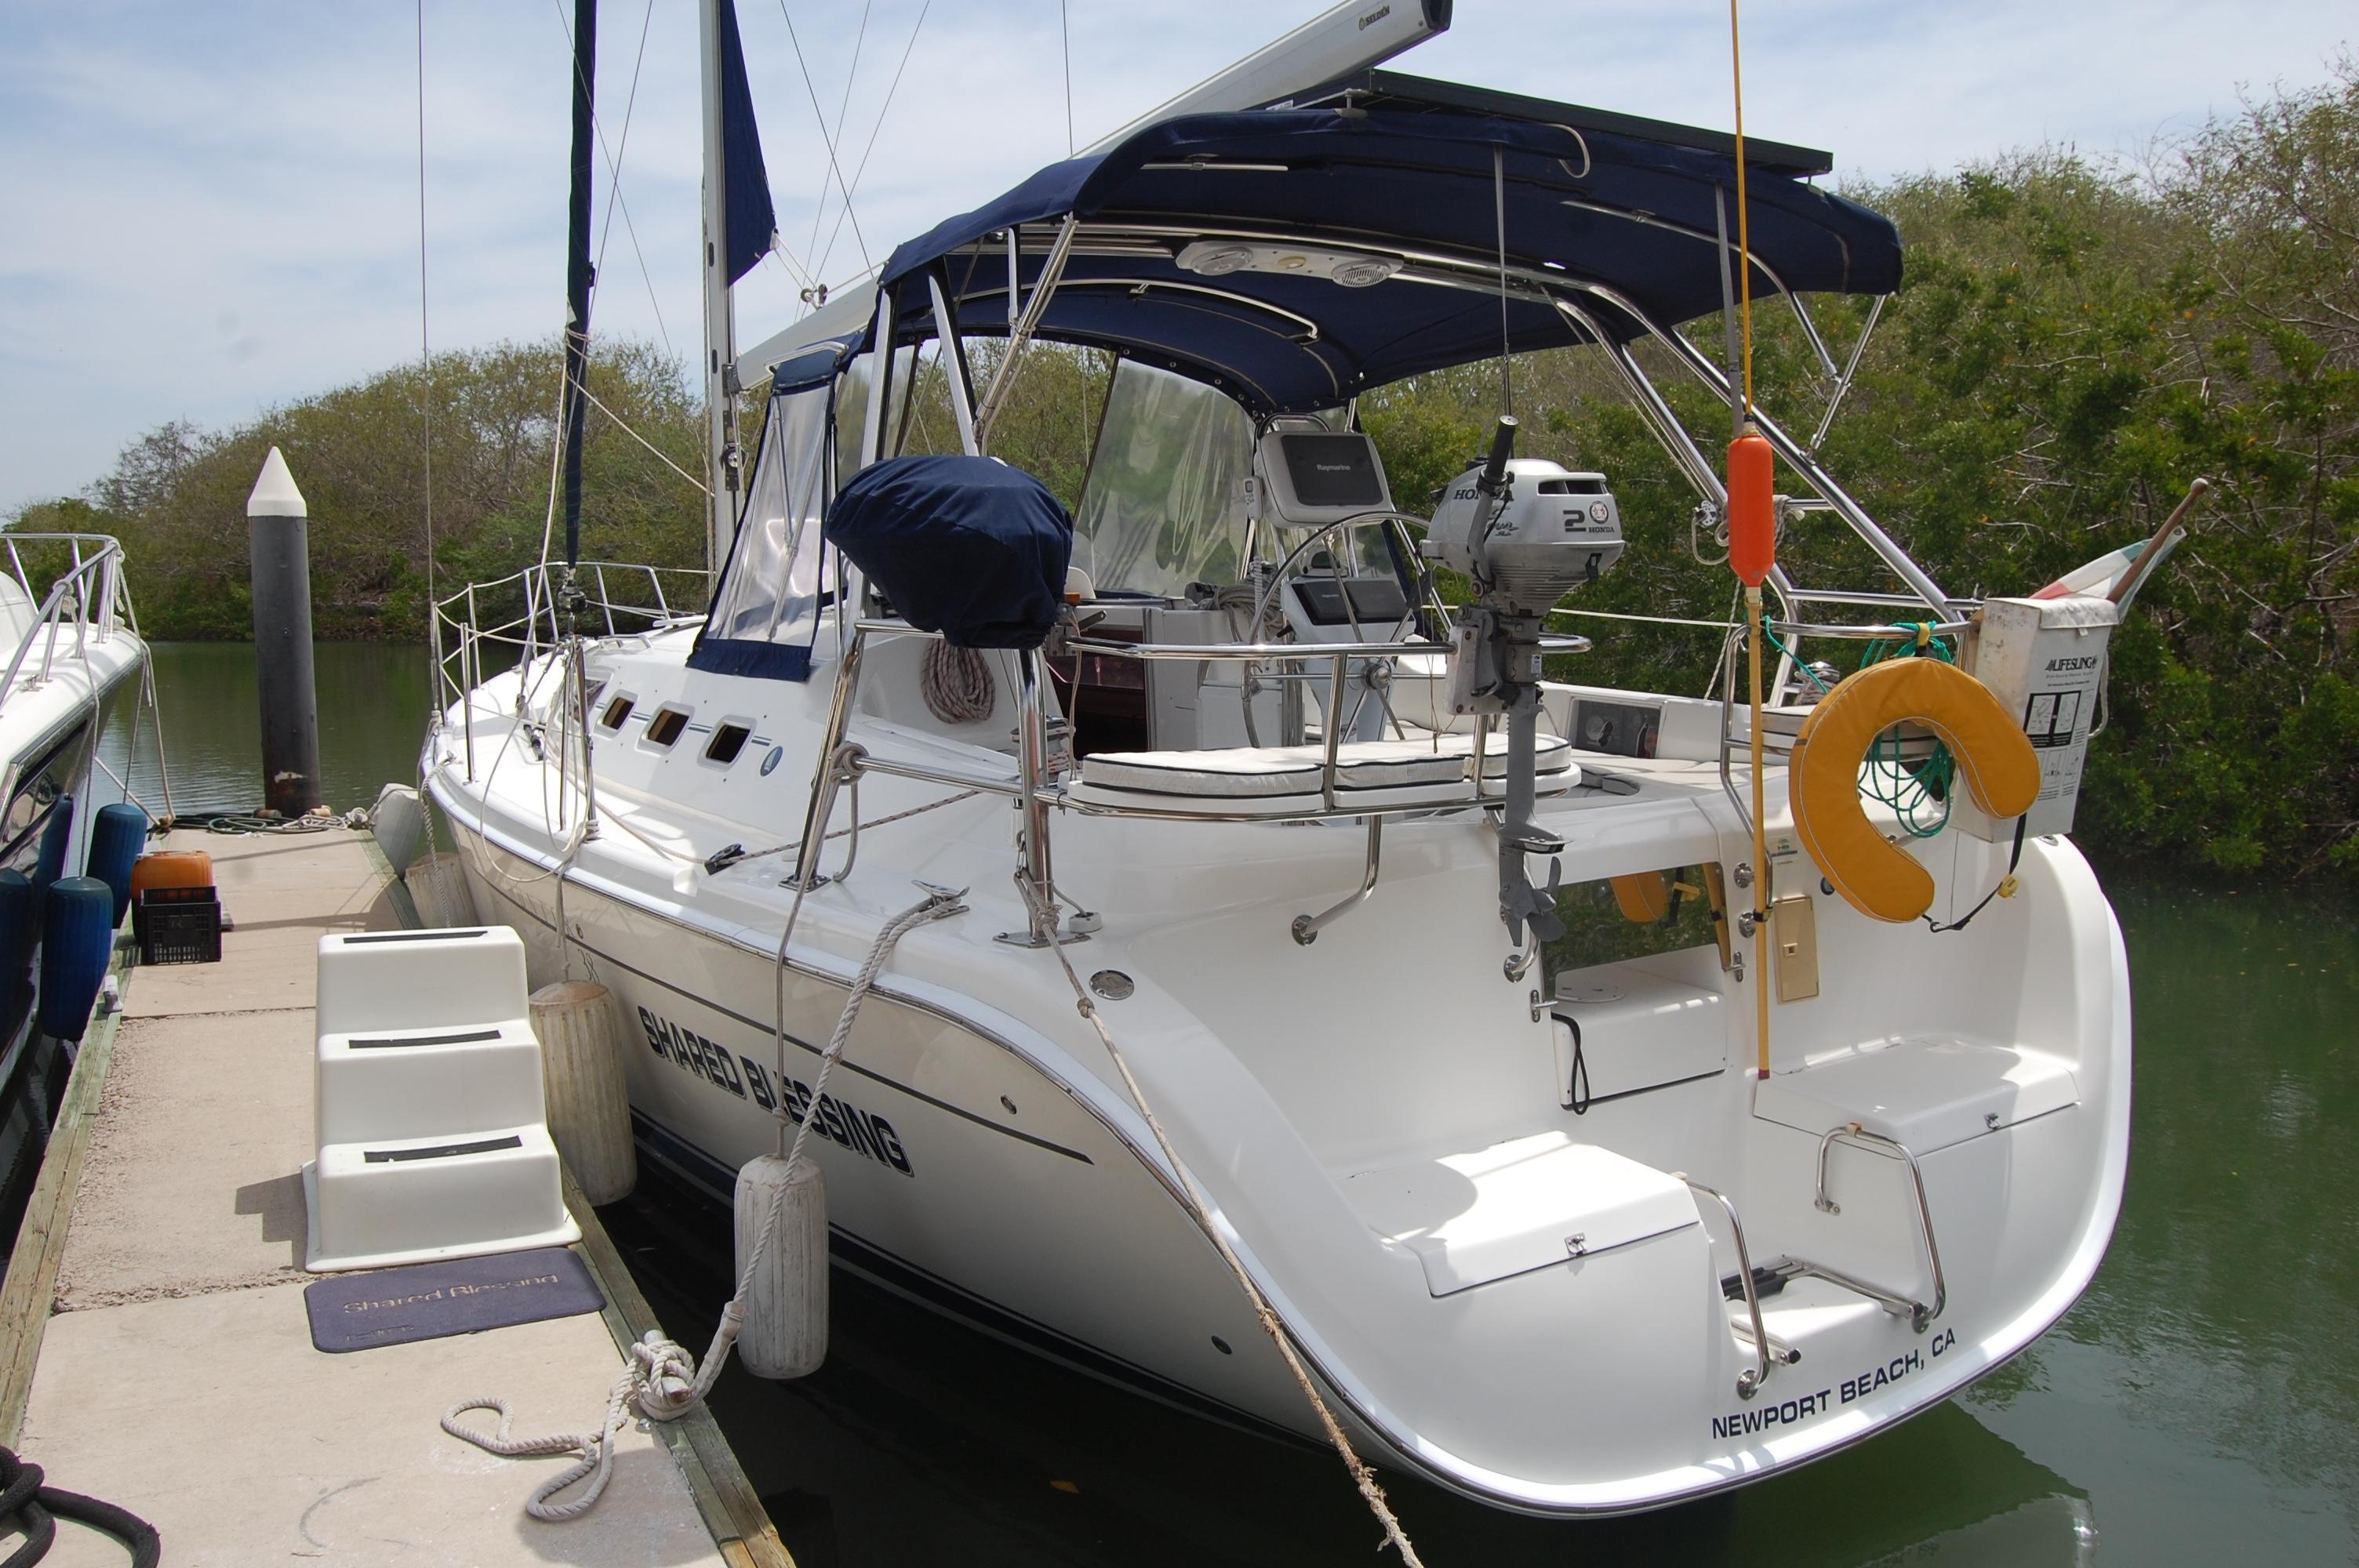 38' Hunter h38+Boat for sale!